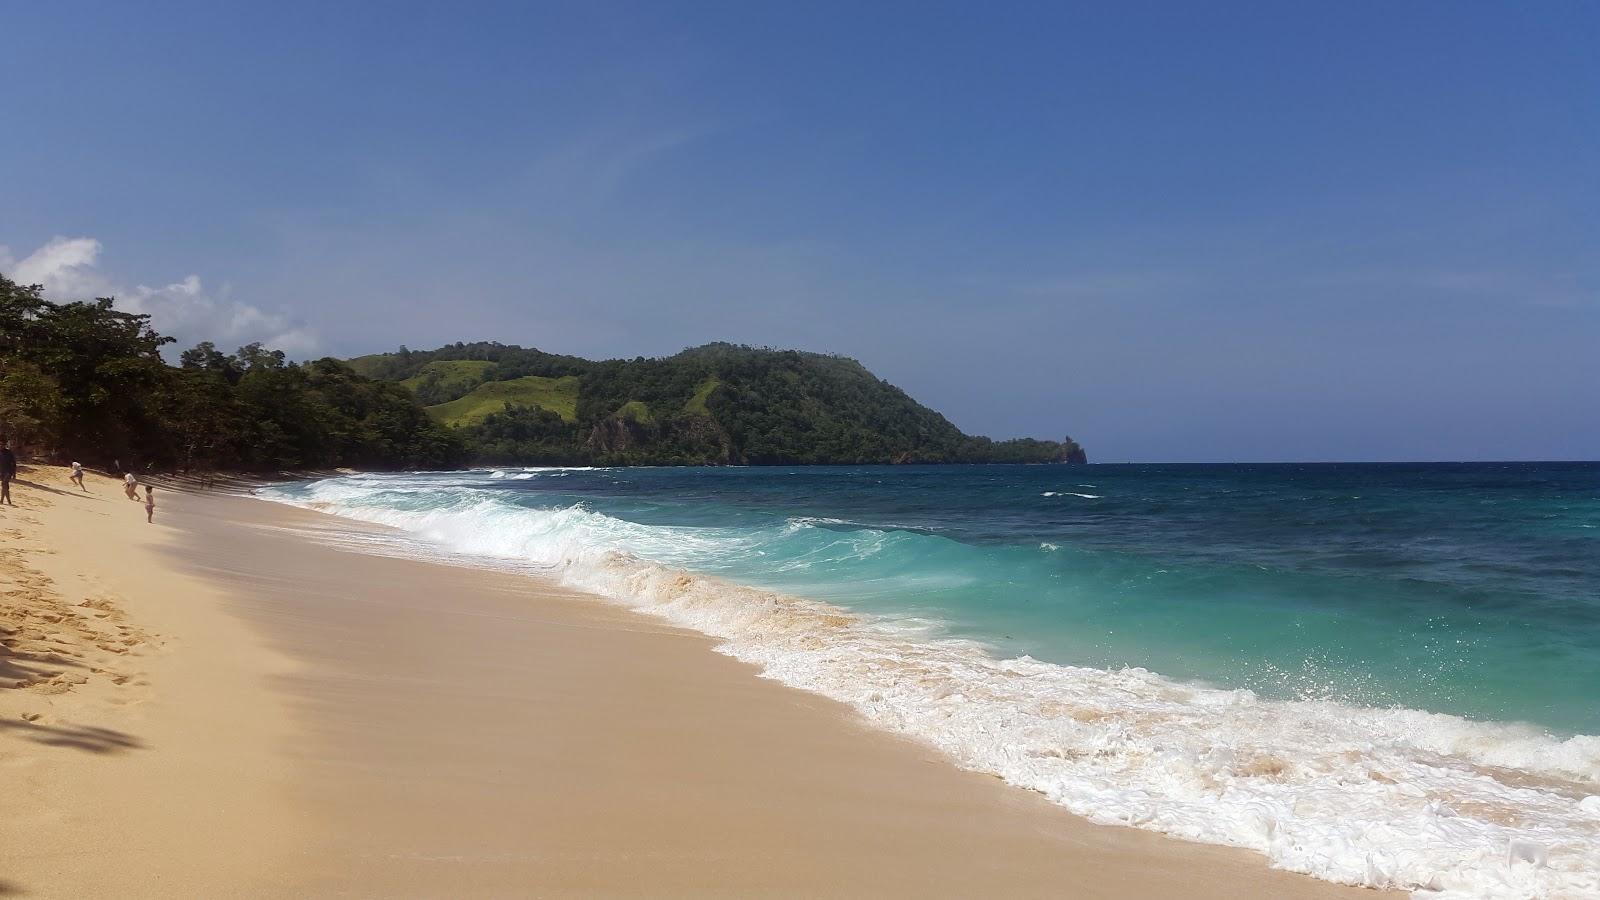 5 Tempat Wisata Pantai Sulawesi Utara Bagus Pal Ratatotok Kab